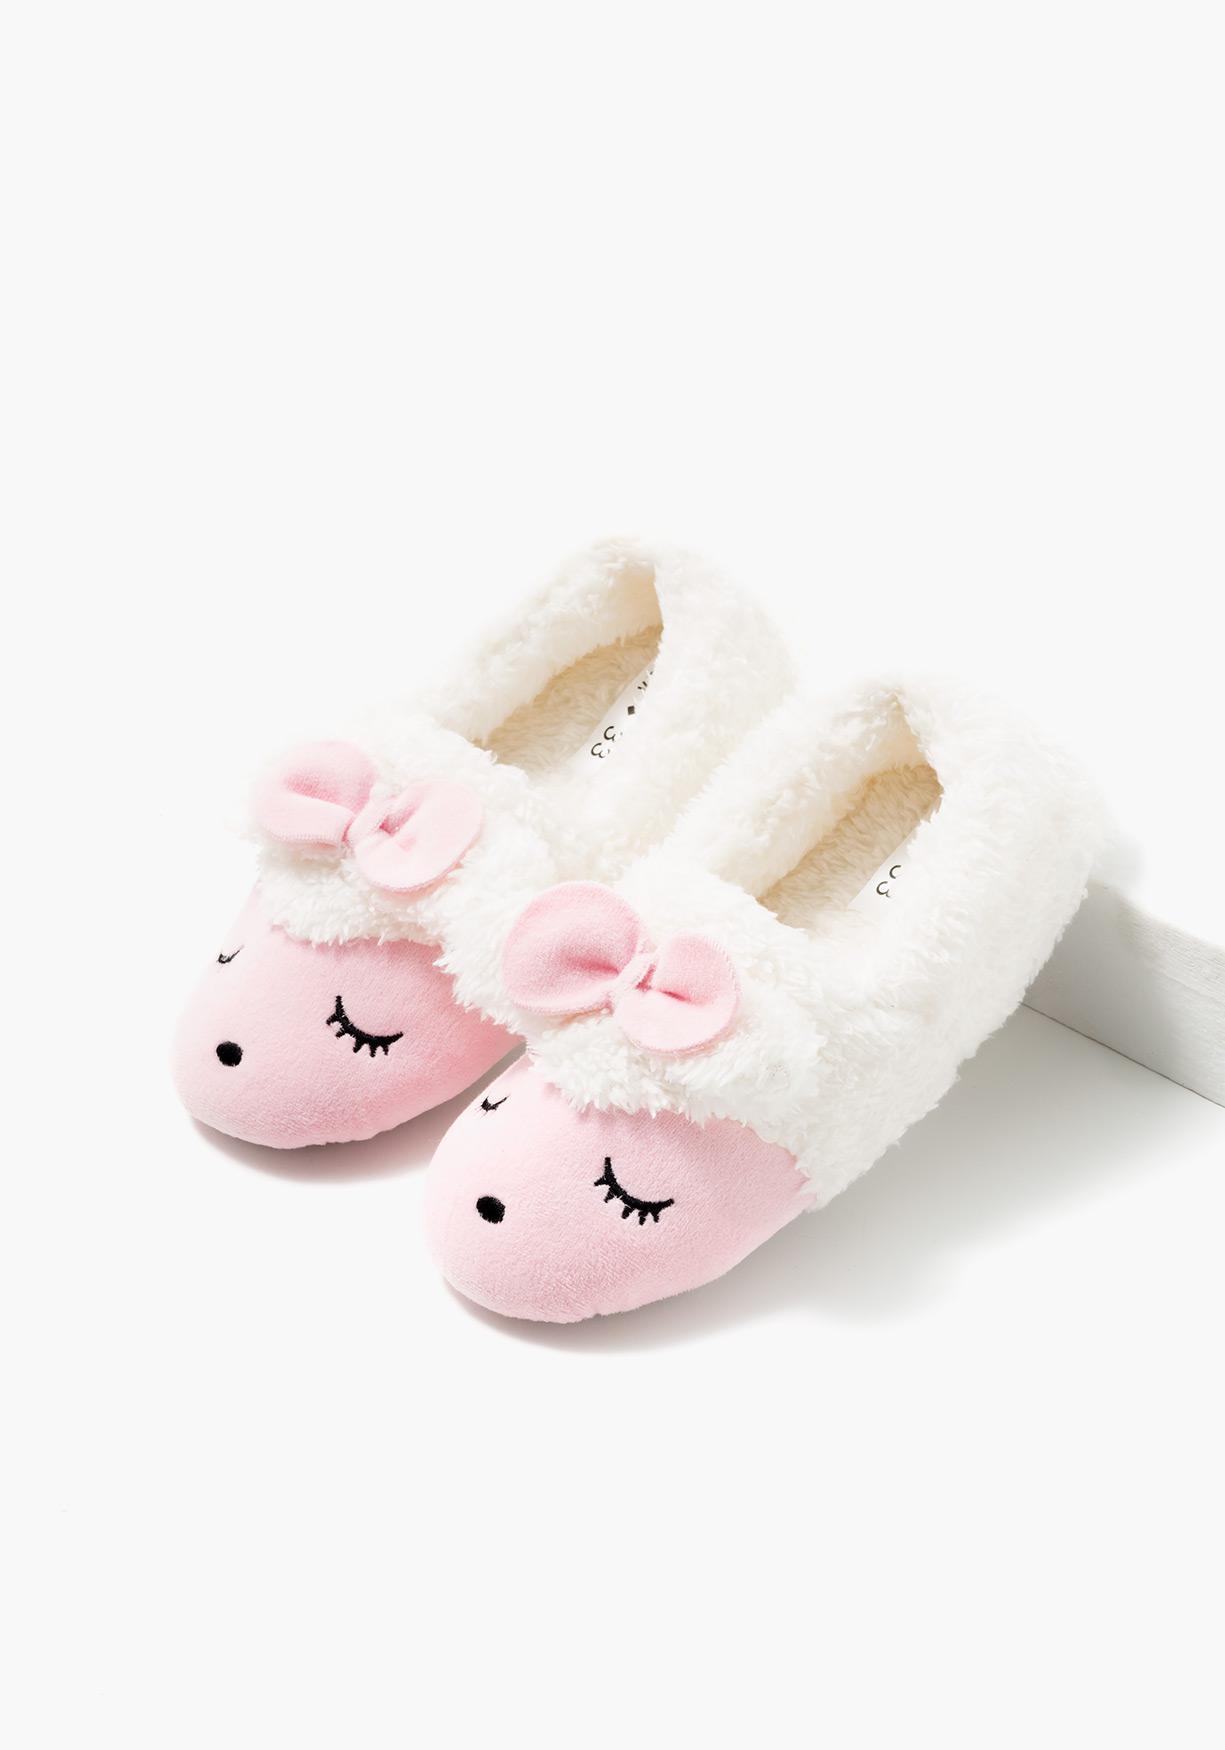 Zapatillas de estar por casa con carita de animal TEX Liquidación Classic Outlet más nuevo qySaS6qIm6